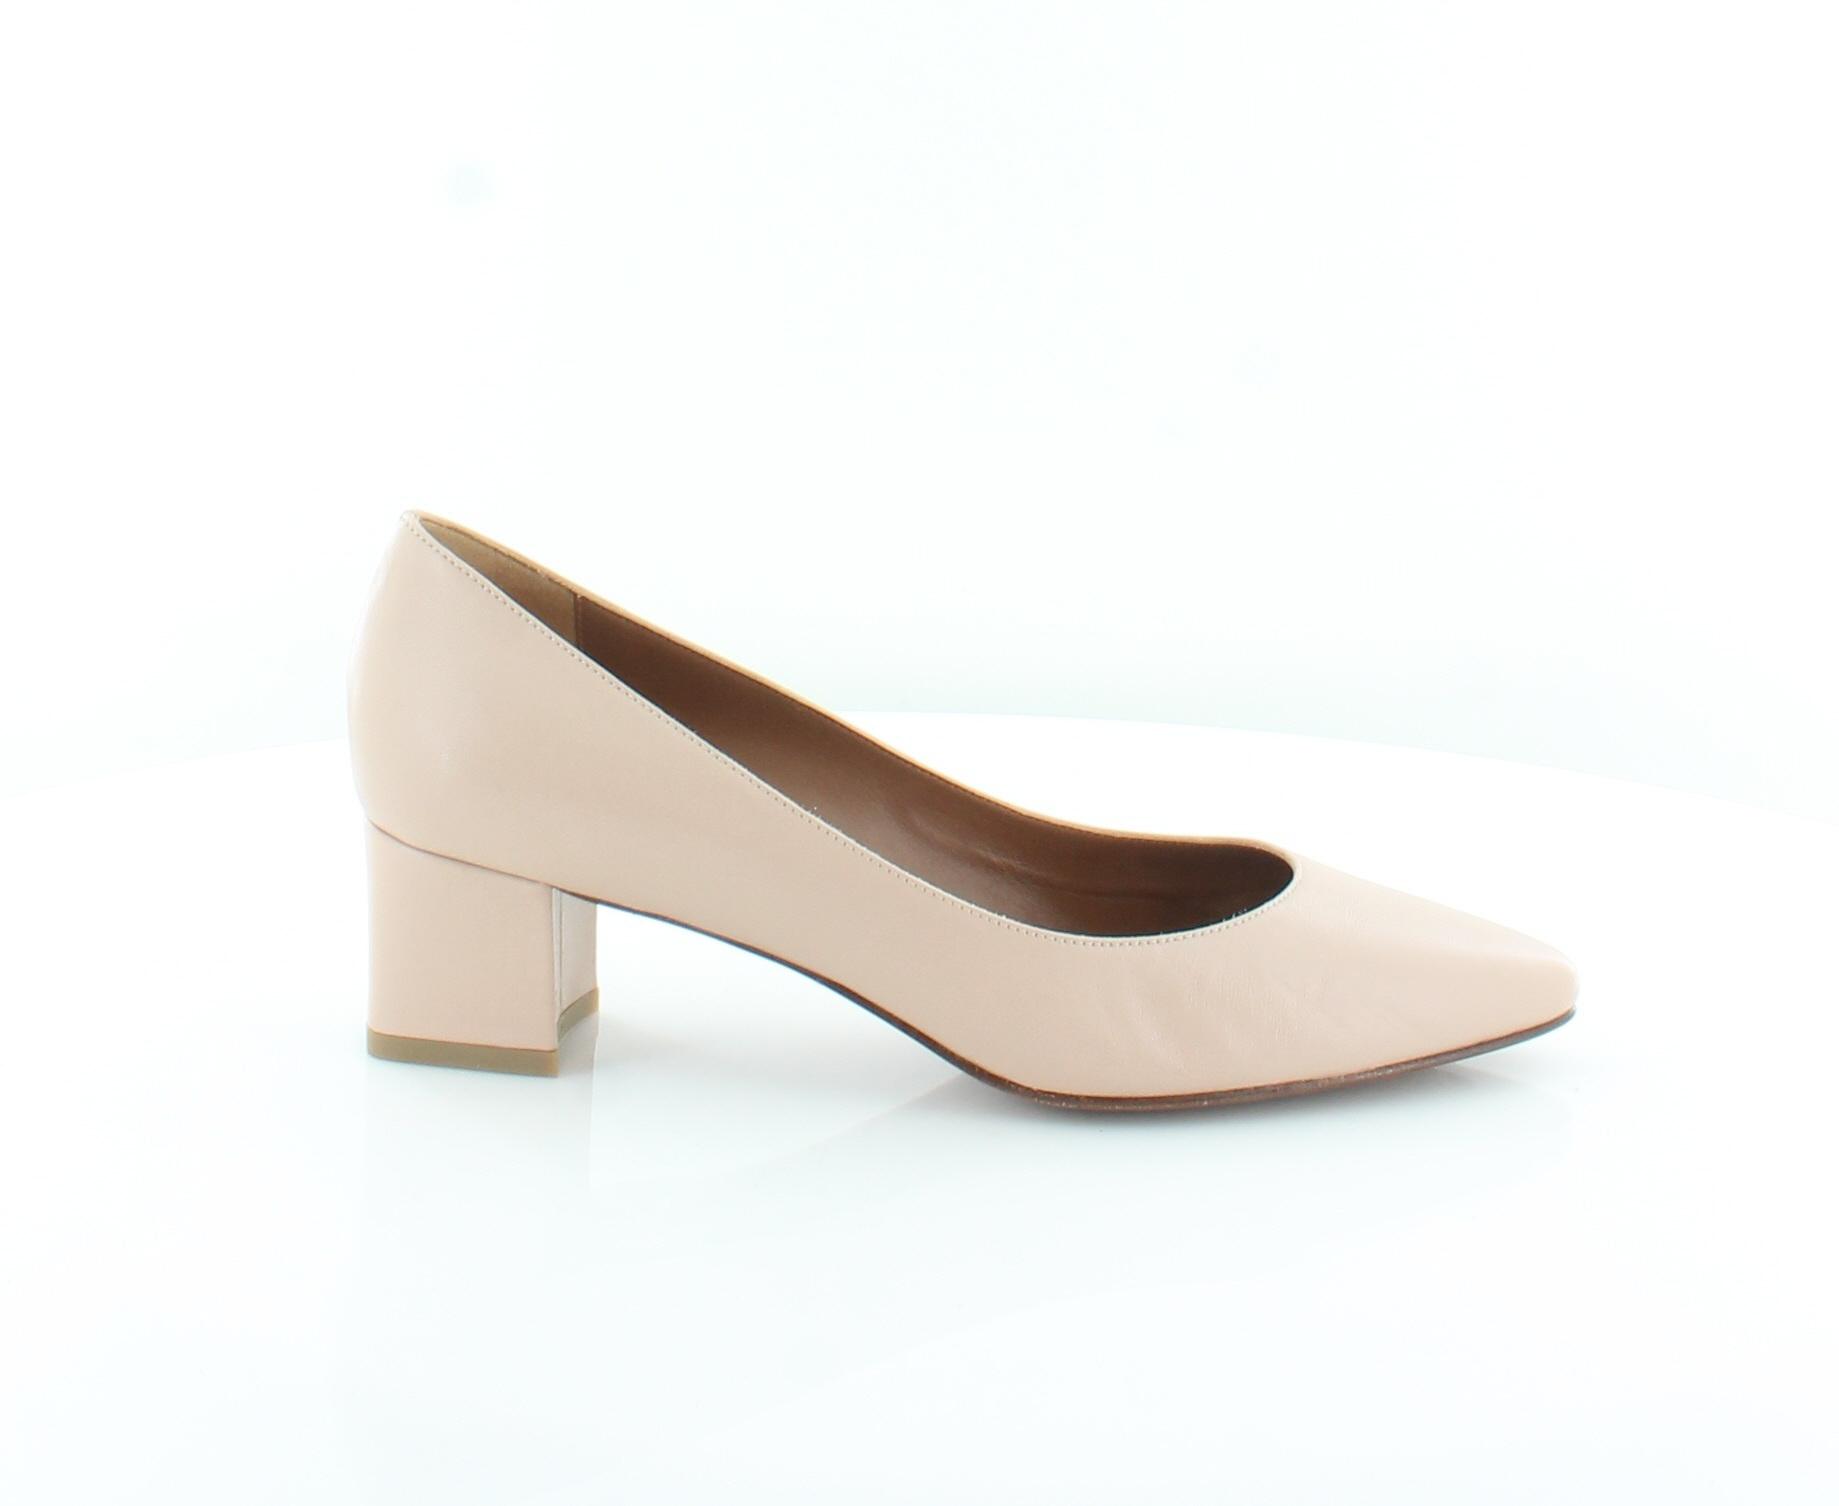 Aquatalia nuevo Phoebe Marrón Zapatos para mujer Talla Talla Talla 8.5 M Tacones precio minorista sugerido por el fabricante  395  están haciendo actividades de descuento